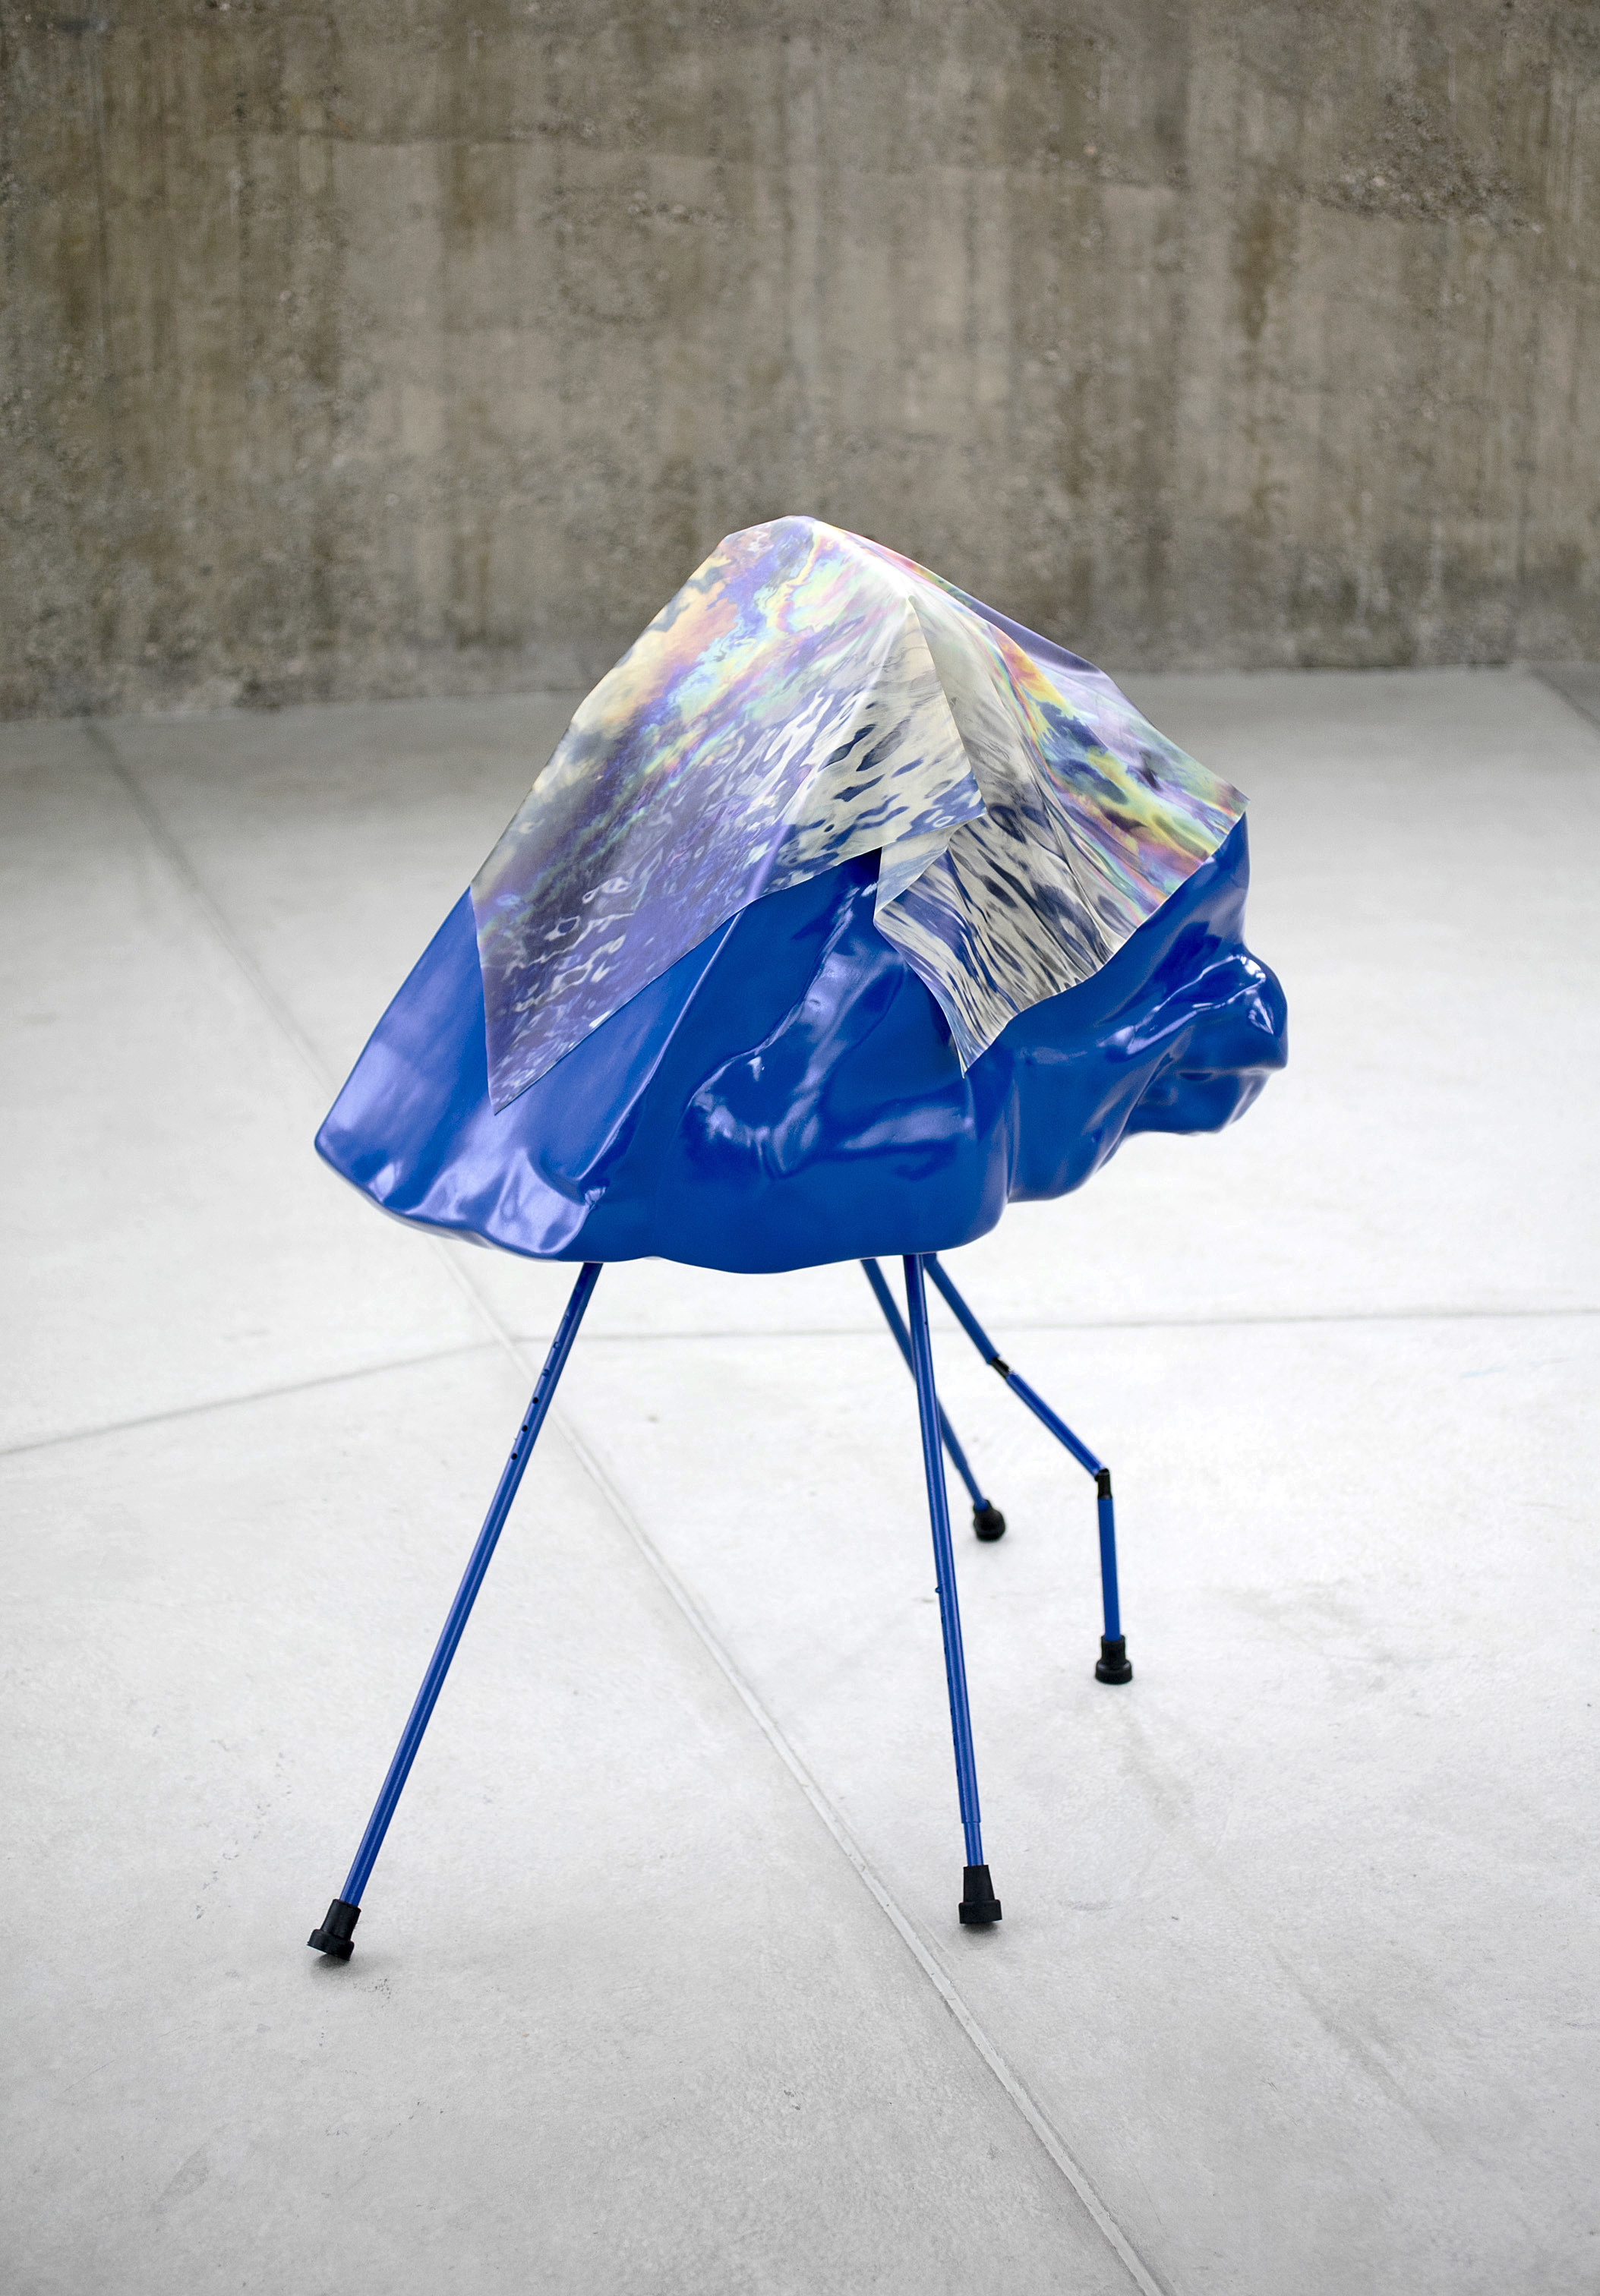 FLAT HEAD, Sculpture, 2017,128 x 82 x 120 cm,Inkjet print on latex, fiberglass, paint, metal, rubber